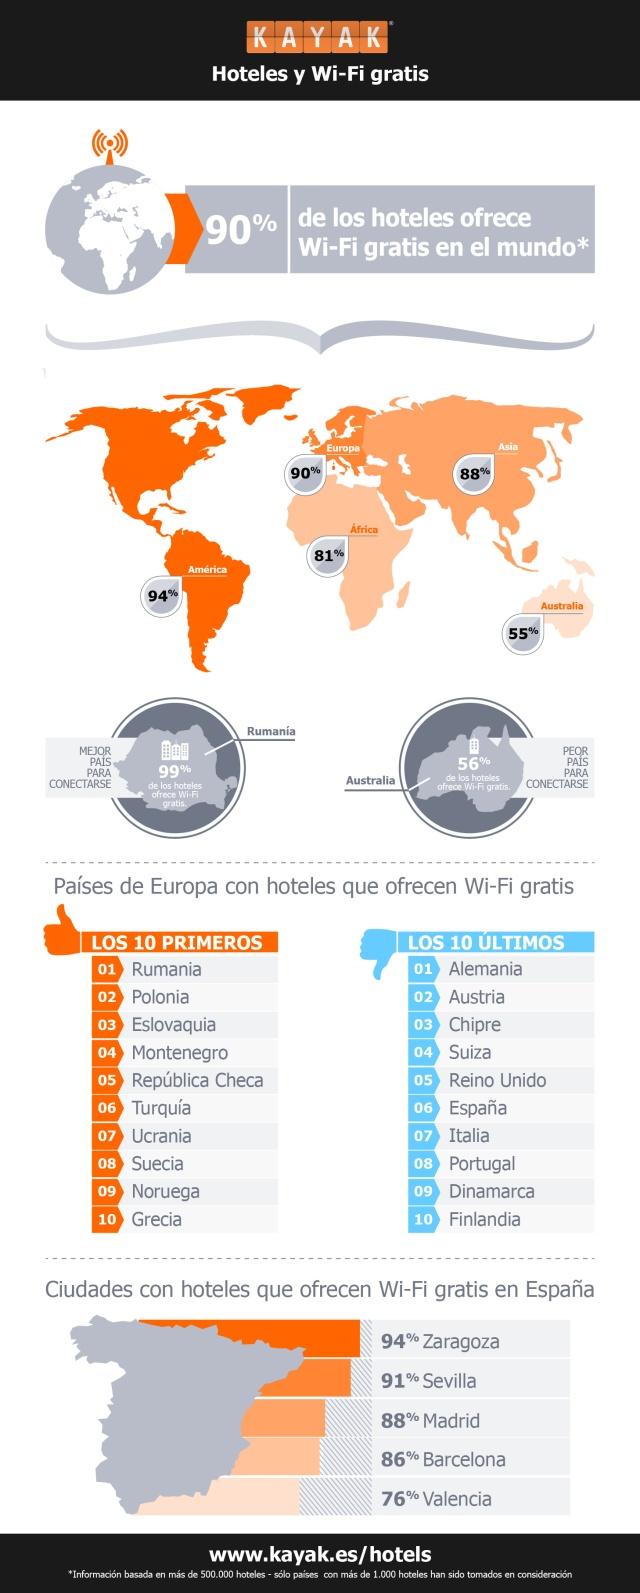 Hoteles y WiFi gratis